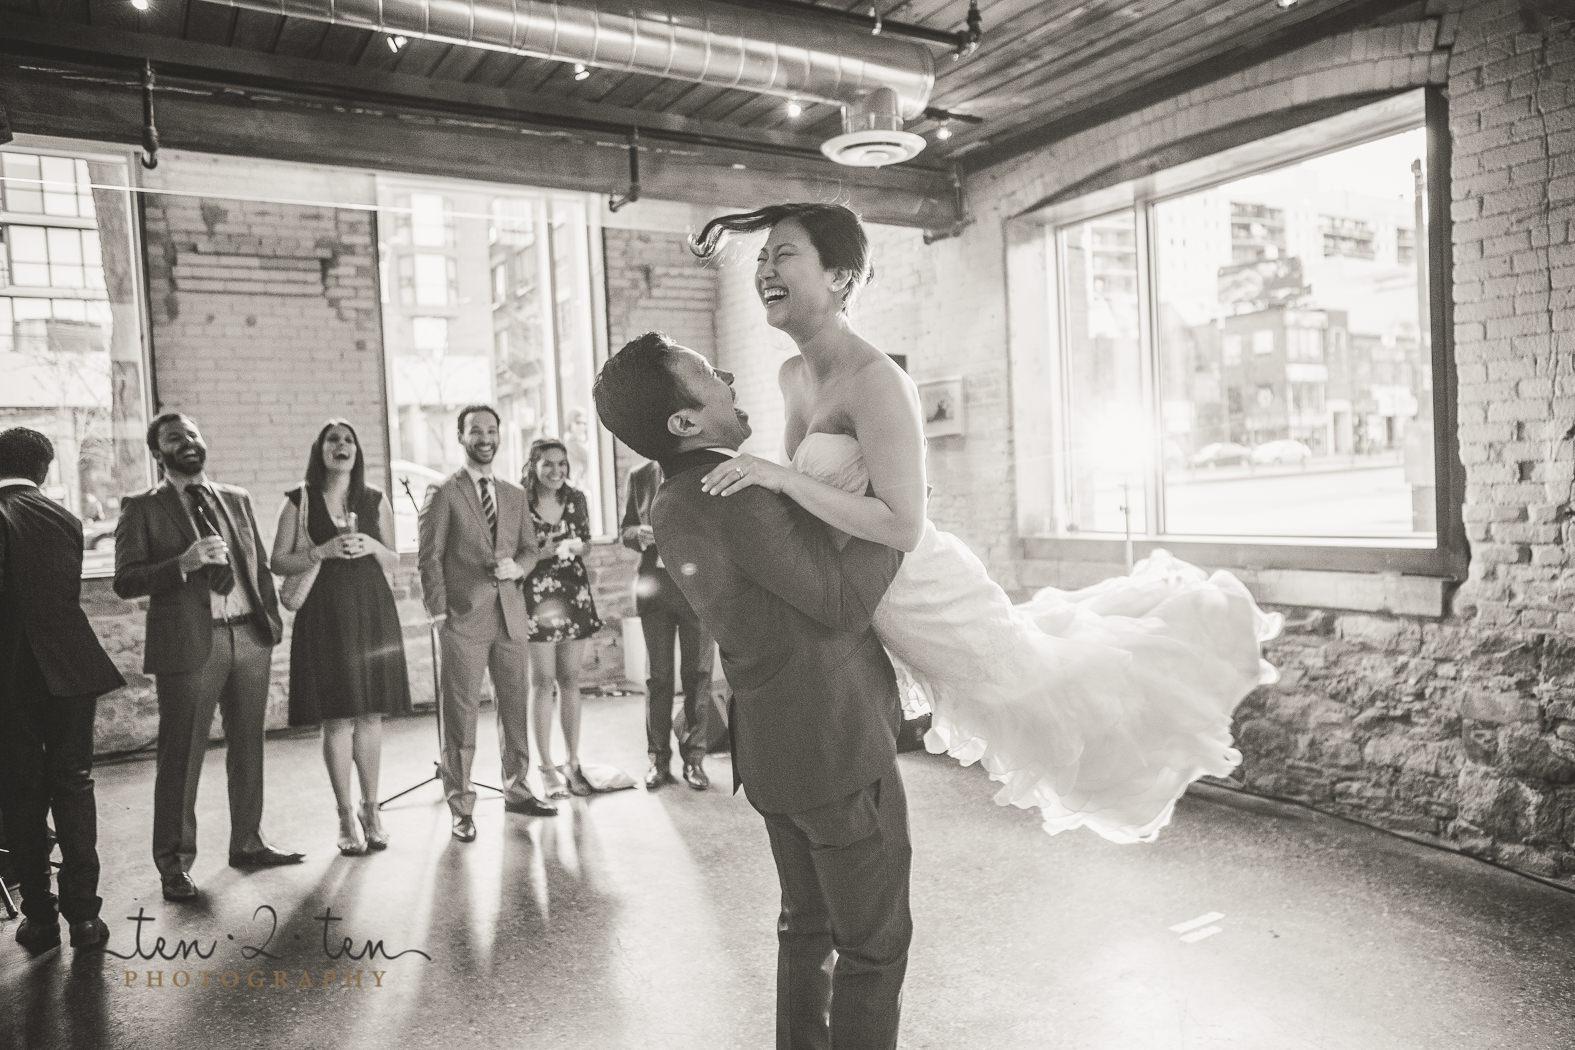 hotel ocho wedding, hotel ocho wedding photos, hotel ocho wedding photography, downtown toronto wedding, toronto wedding photography